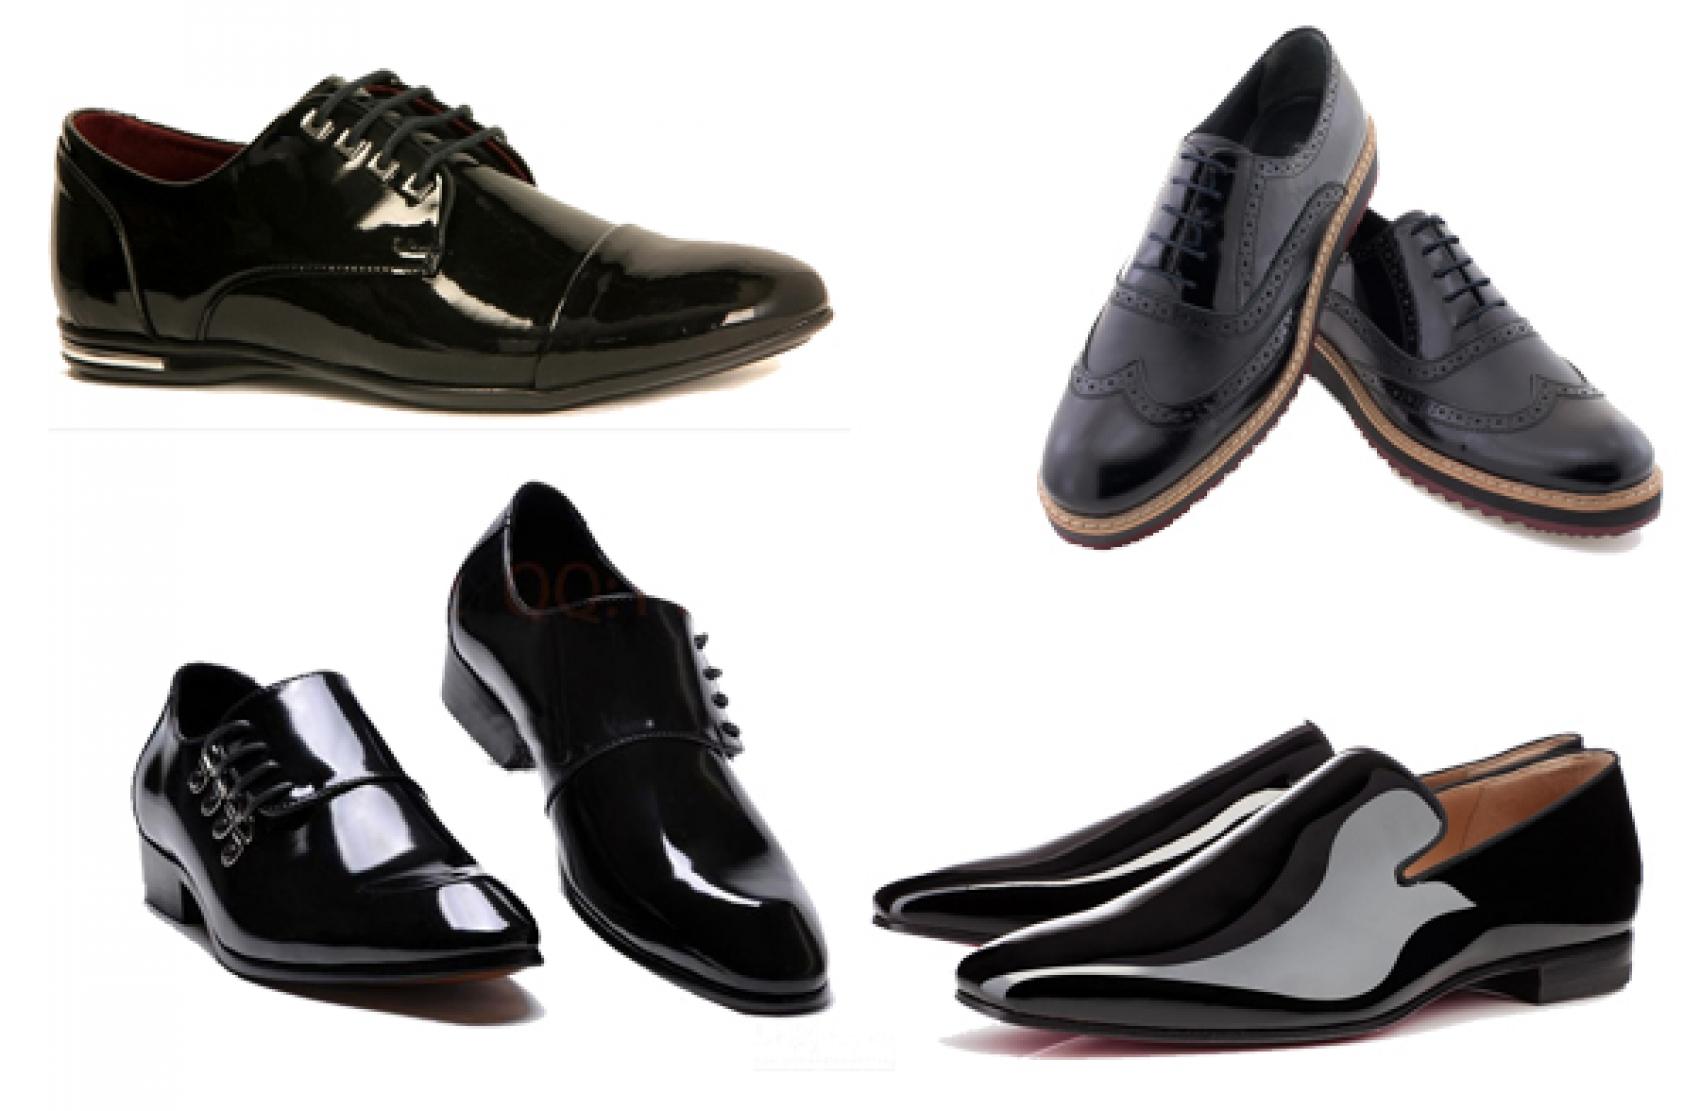 Rahat Damat Ayakkabısı Modelleri Nelerdir